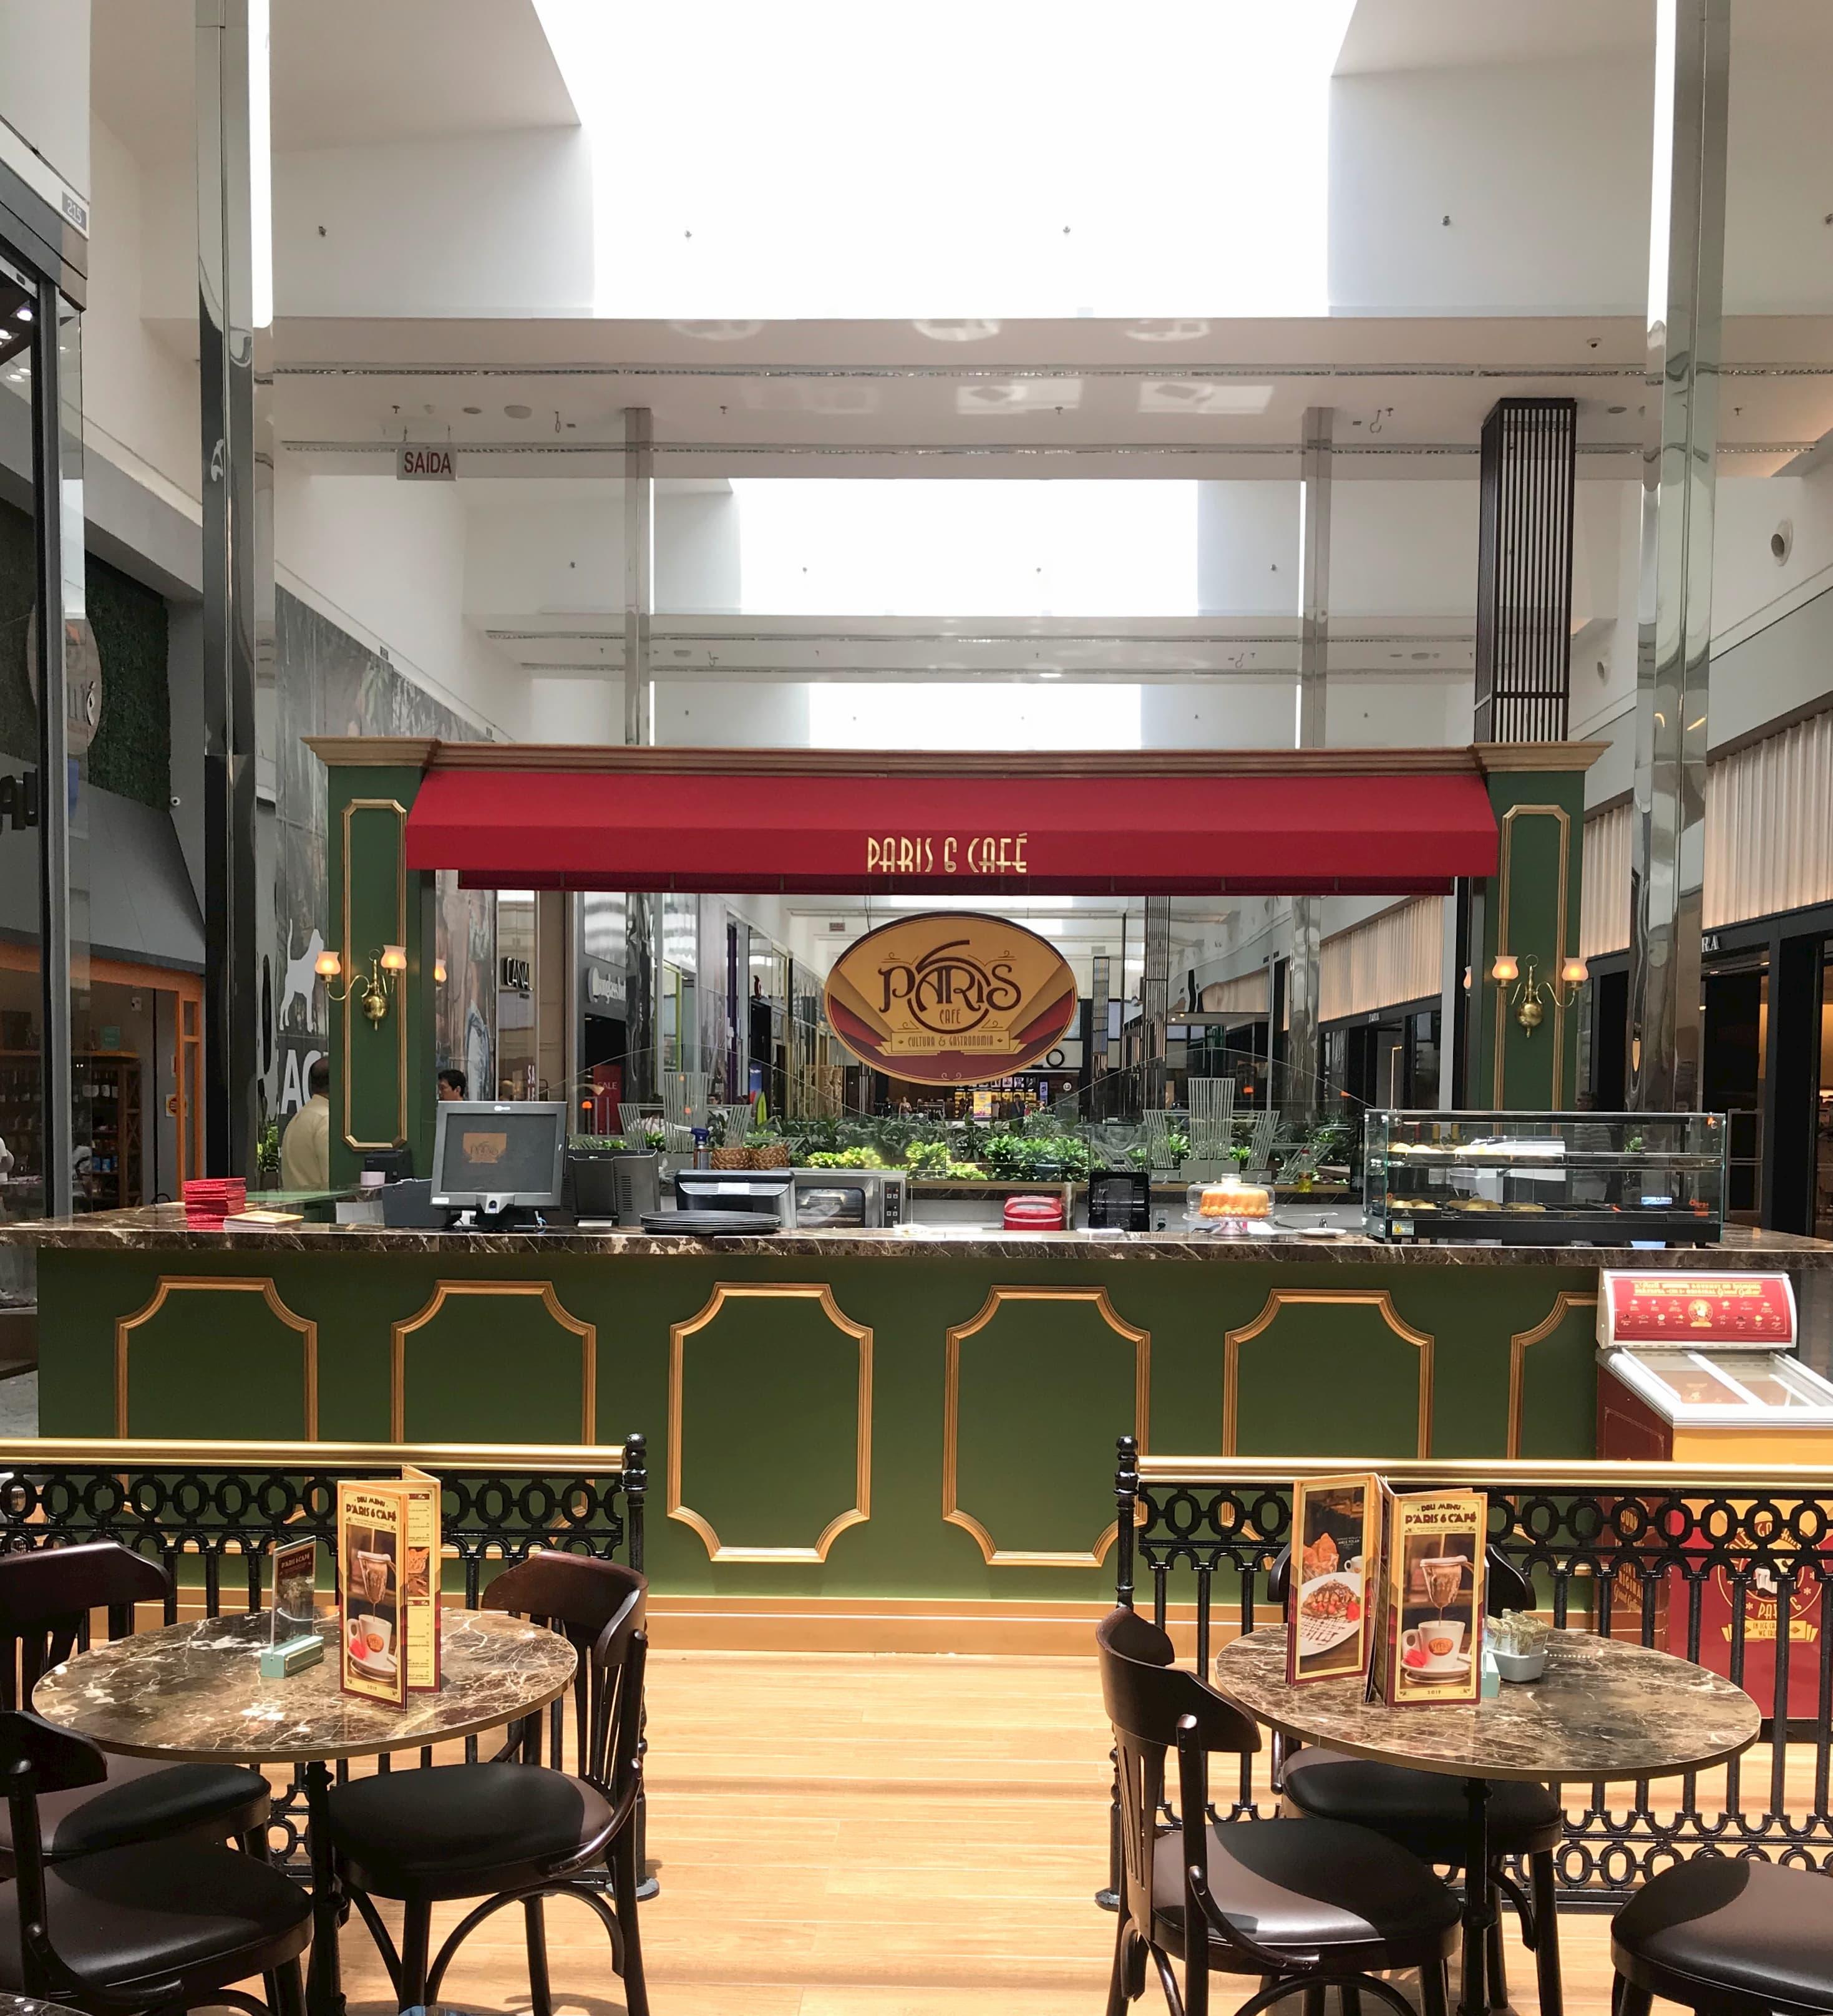 Paris 6 abre franquias e leva suas famosas sobremesas para as mais diversas cidades do país